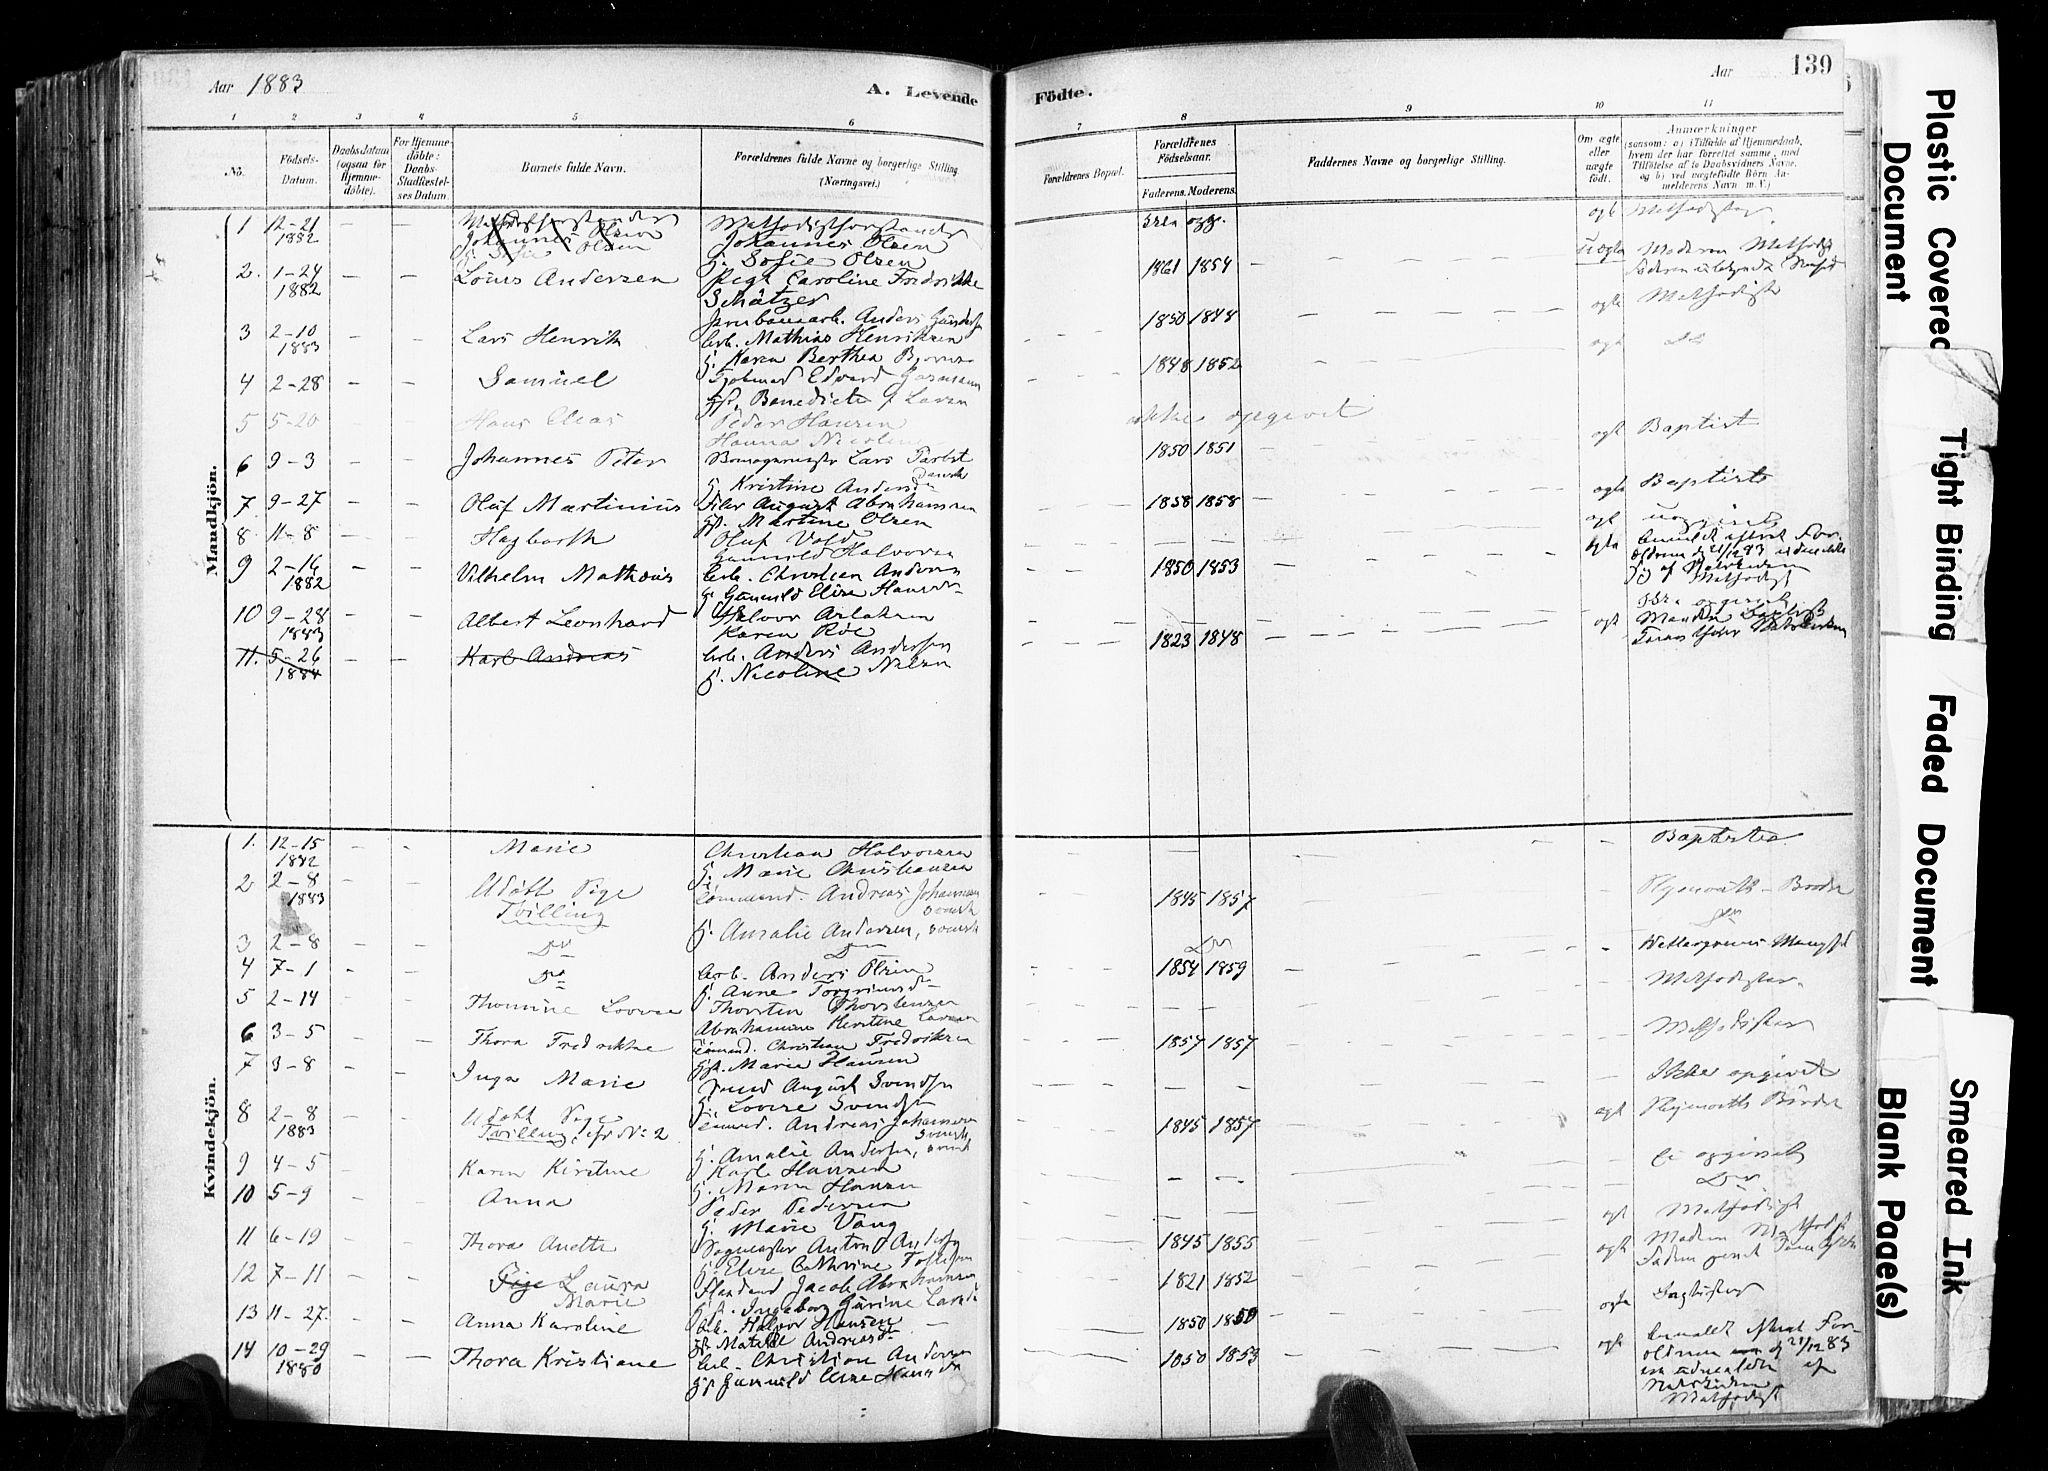 SAKO, Skien kirkebøker, F/Fa/L0009: Ministerialbok nr. 9, 1878-1890, s. 139